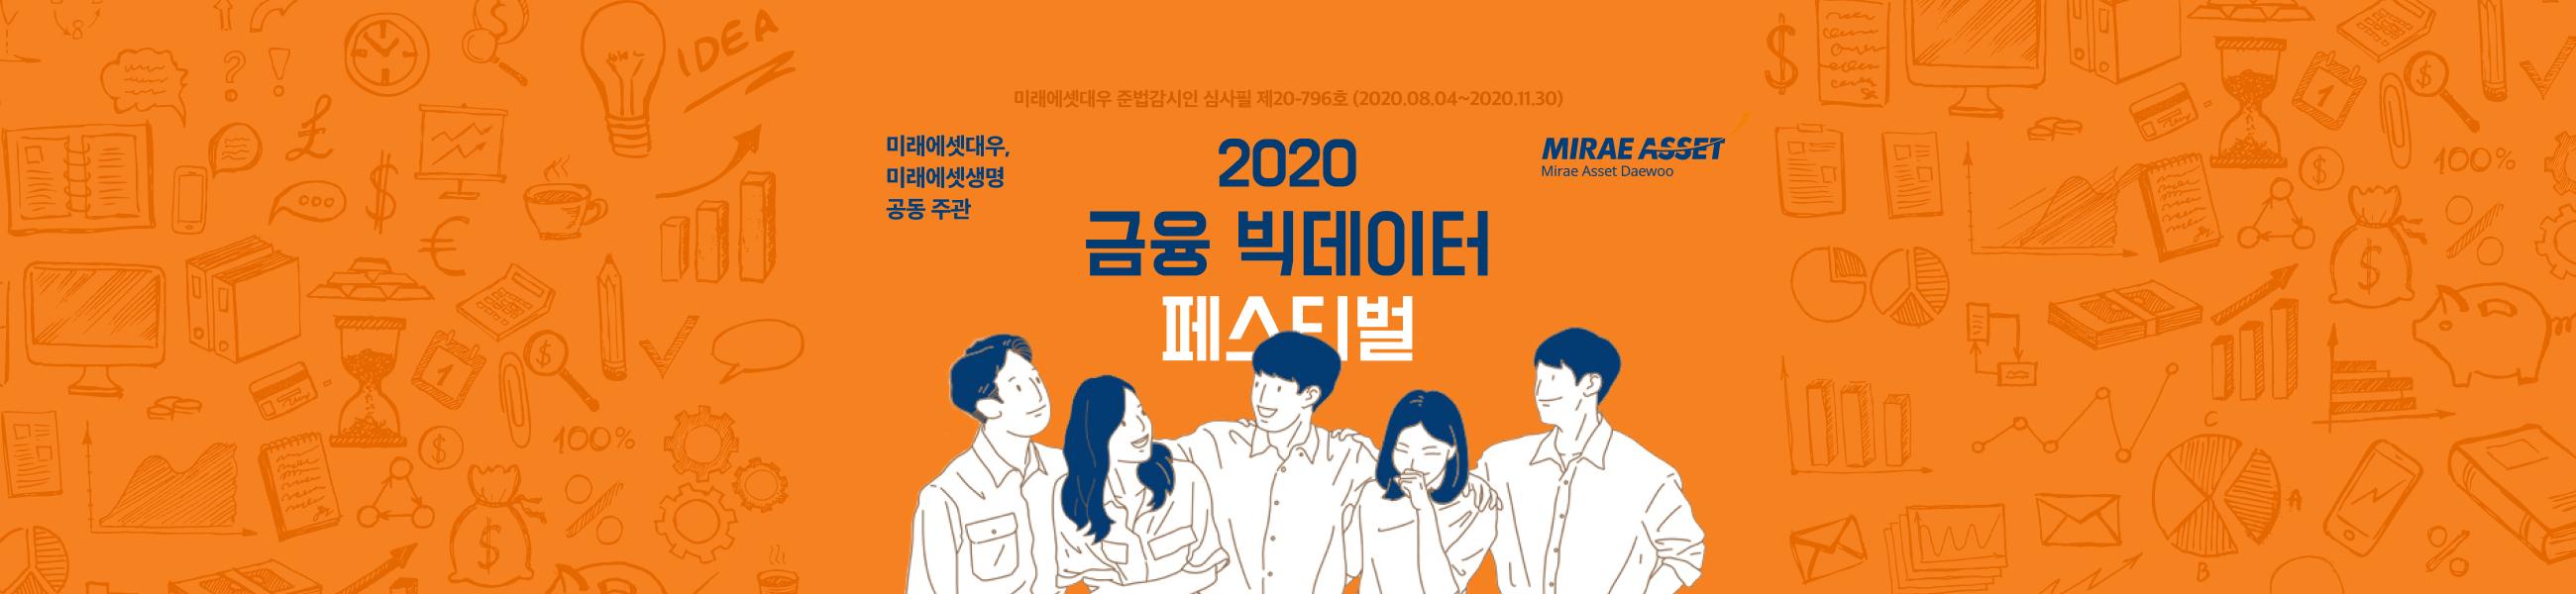 2020 금융 빅데이터 페스티벌의 이미지